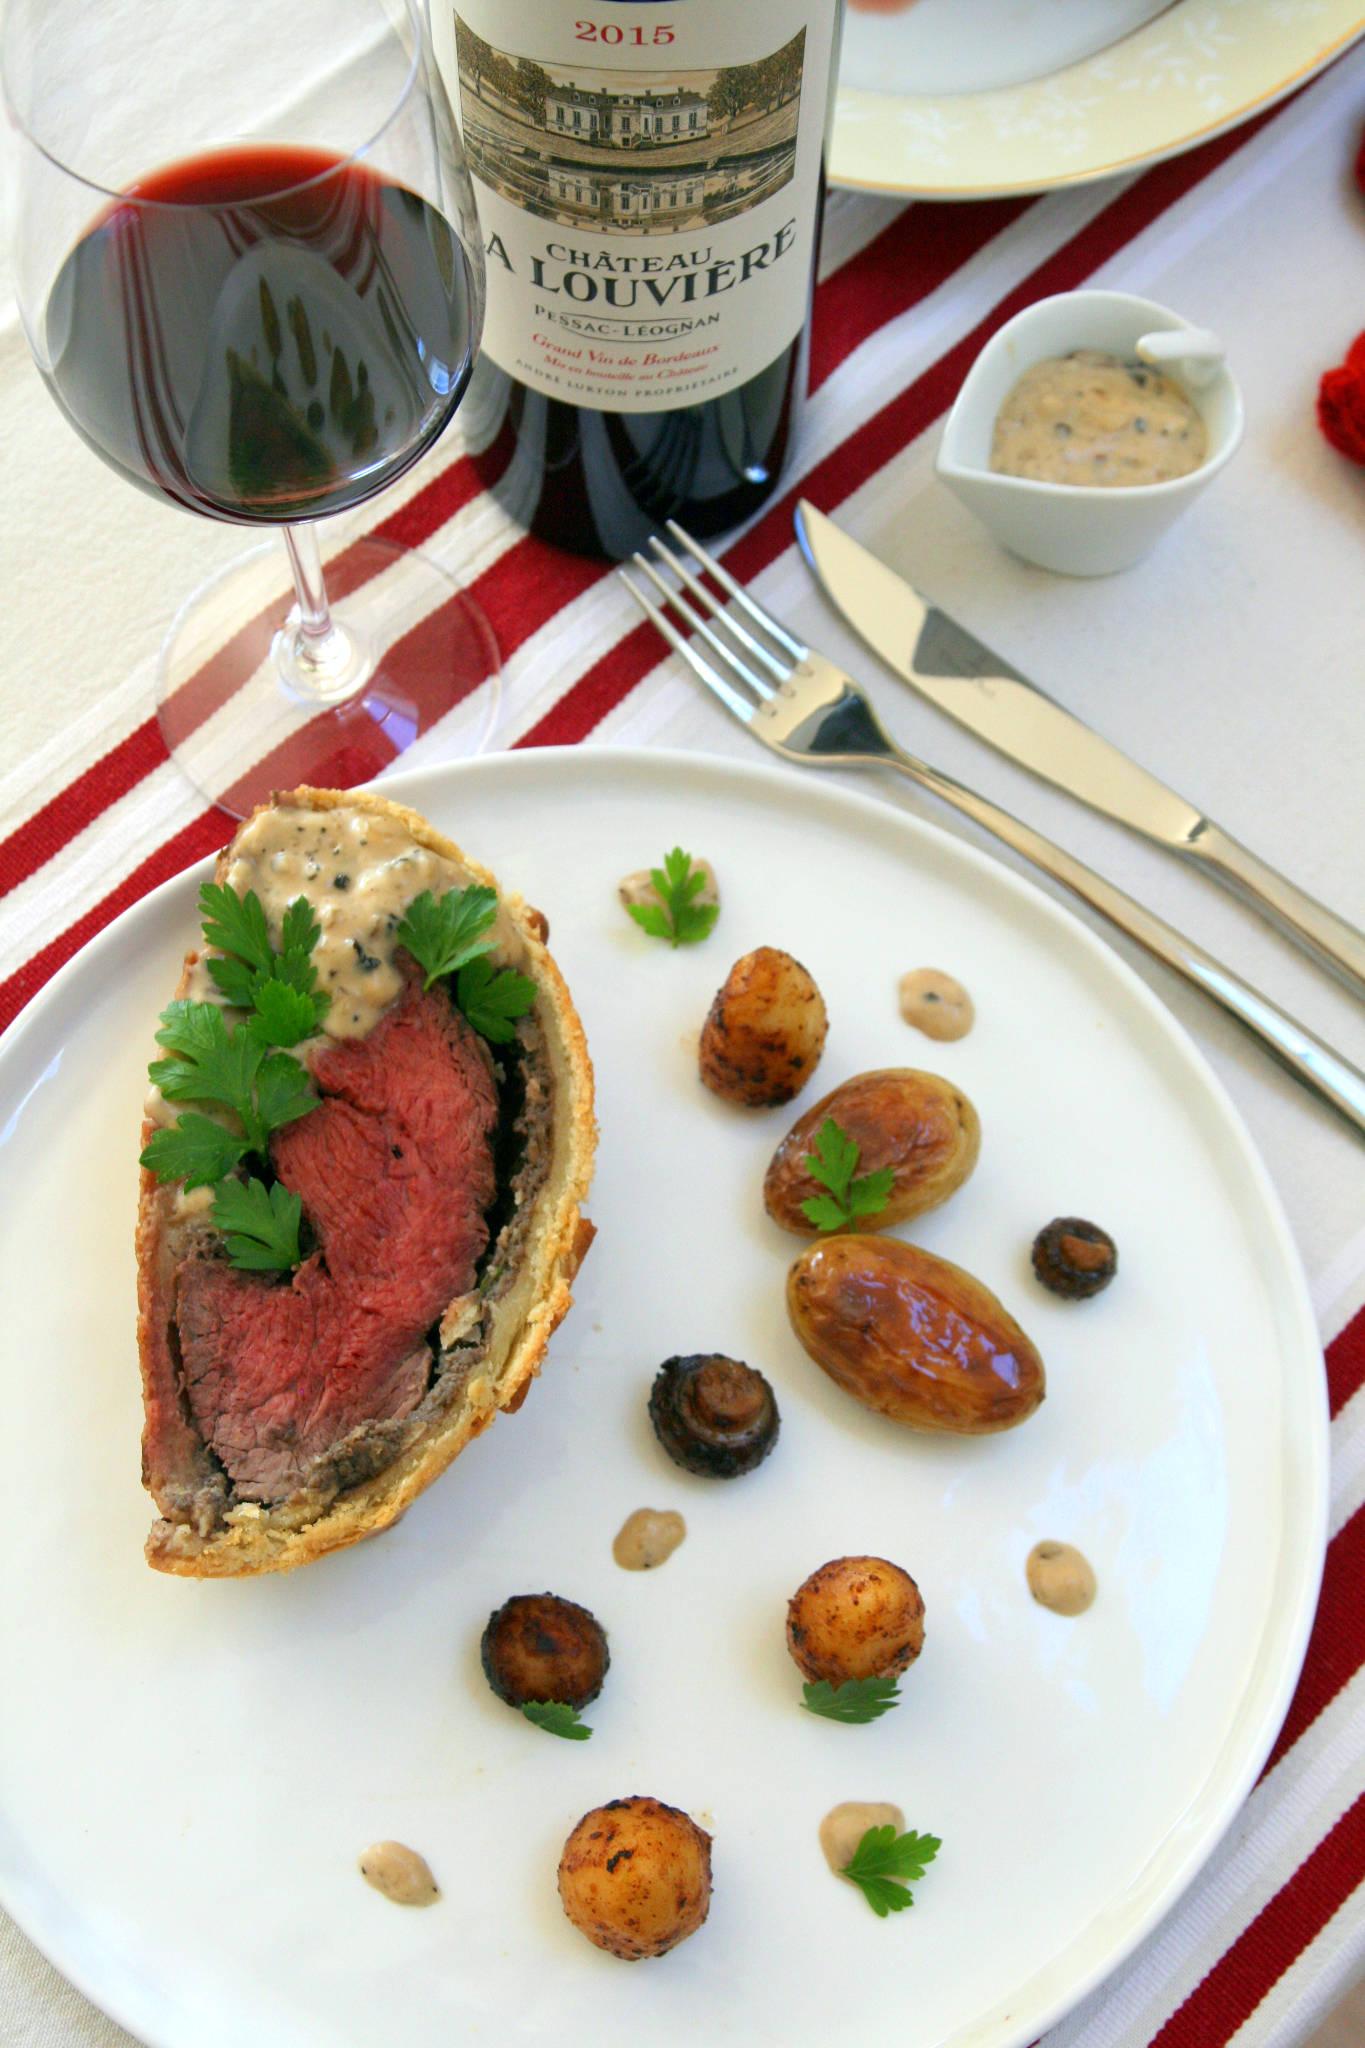 Filet de bœuf en croûte, sauce au poivre, Château La Louvière rouge 2015